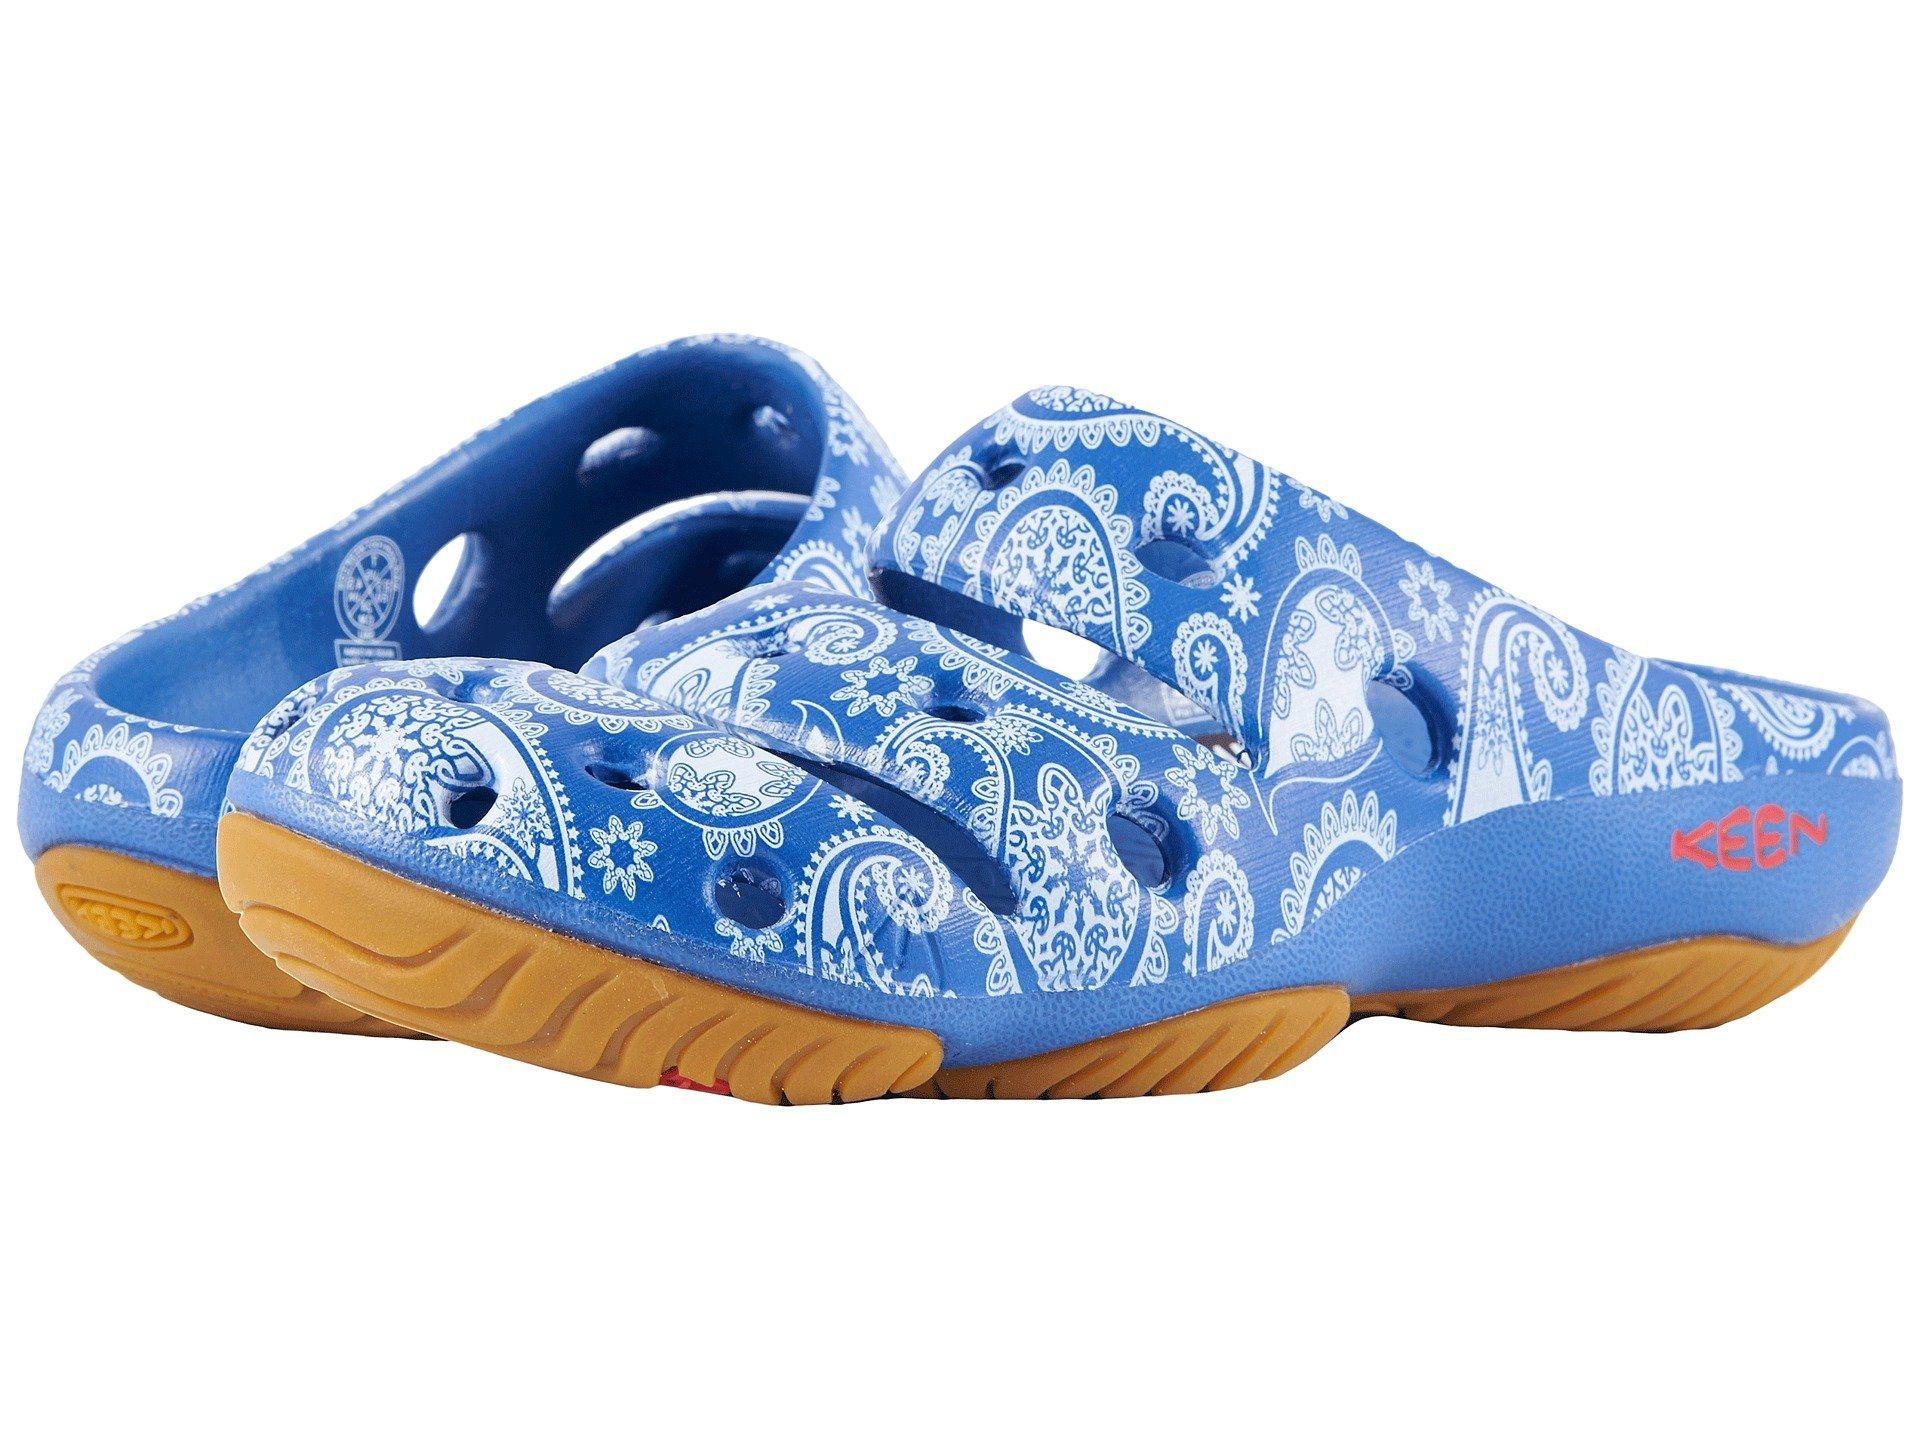 df98e880f83b Keen yogui arts price in egypt jumia shoes kanbkam jpg 1920x1440 Keen yogui